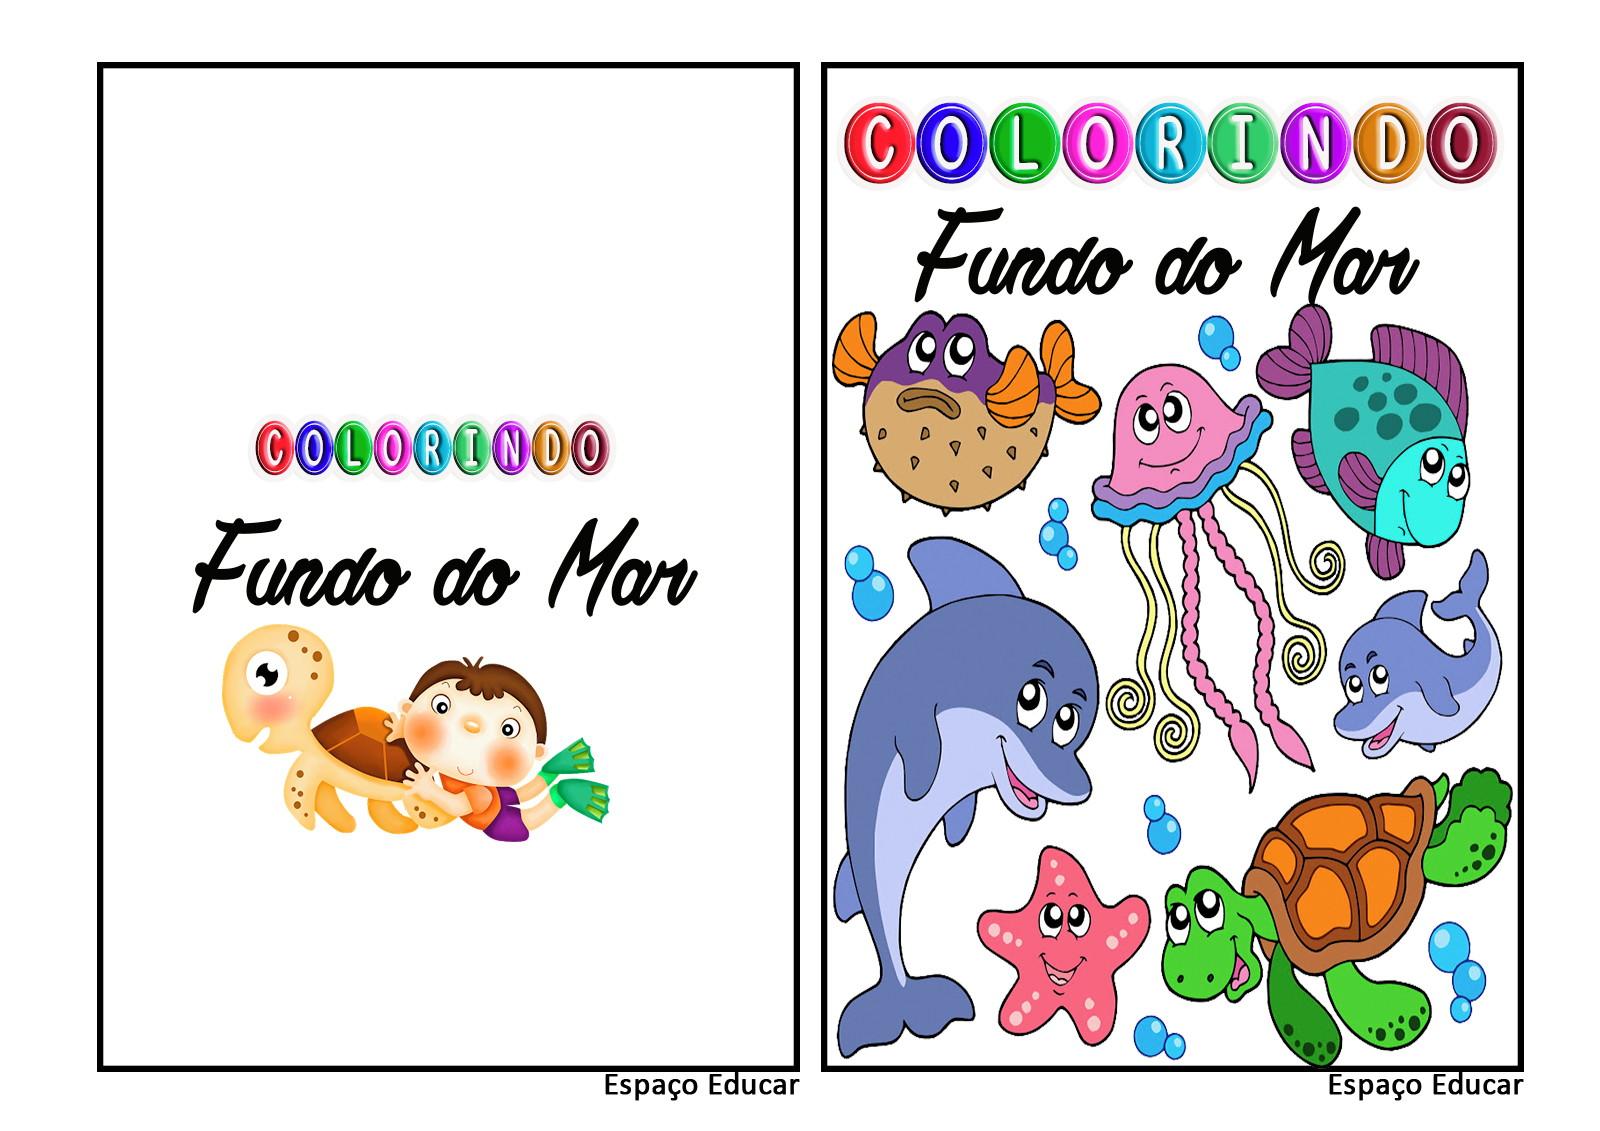 Revista Colorir Fundo Do Mar Pdf 29 No Elo7 Espaco Educar Loja